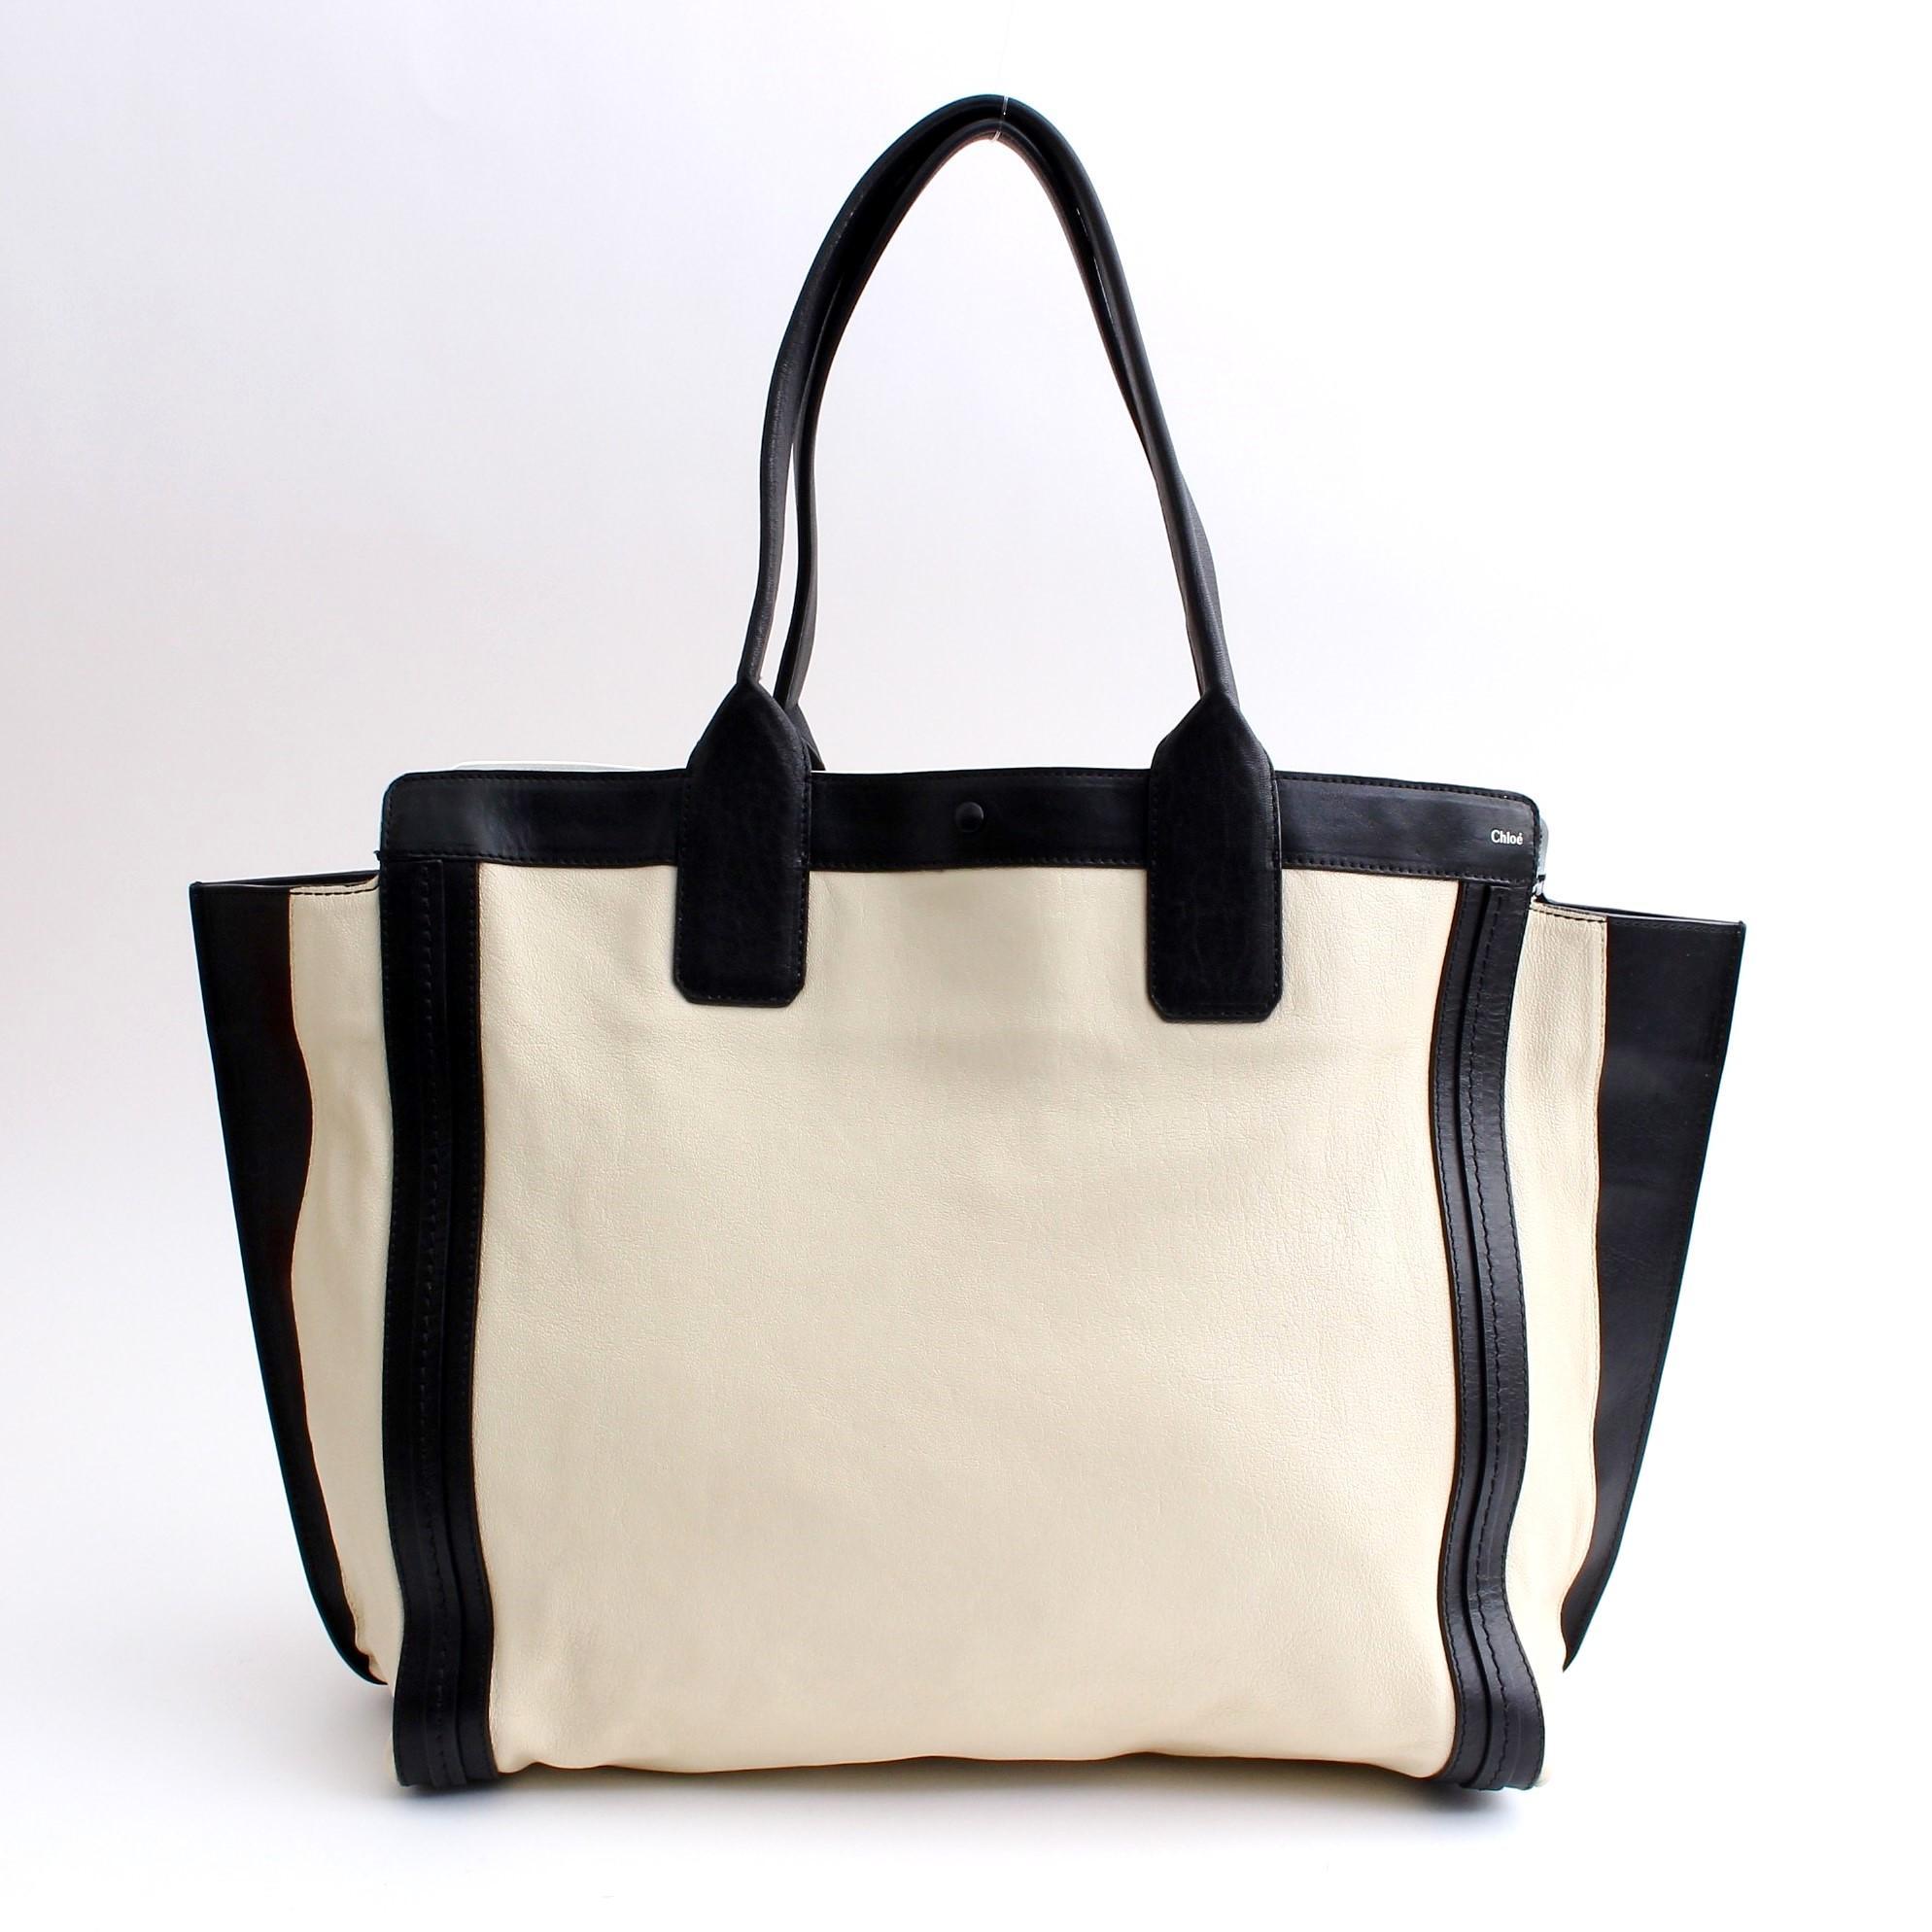 女性に人気のクロエ。中古バッグを高価買取する秘訣とは?